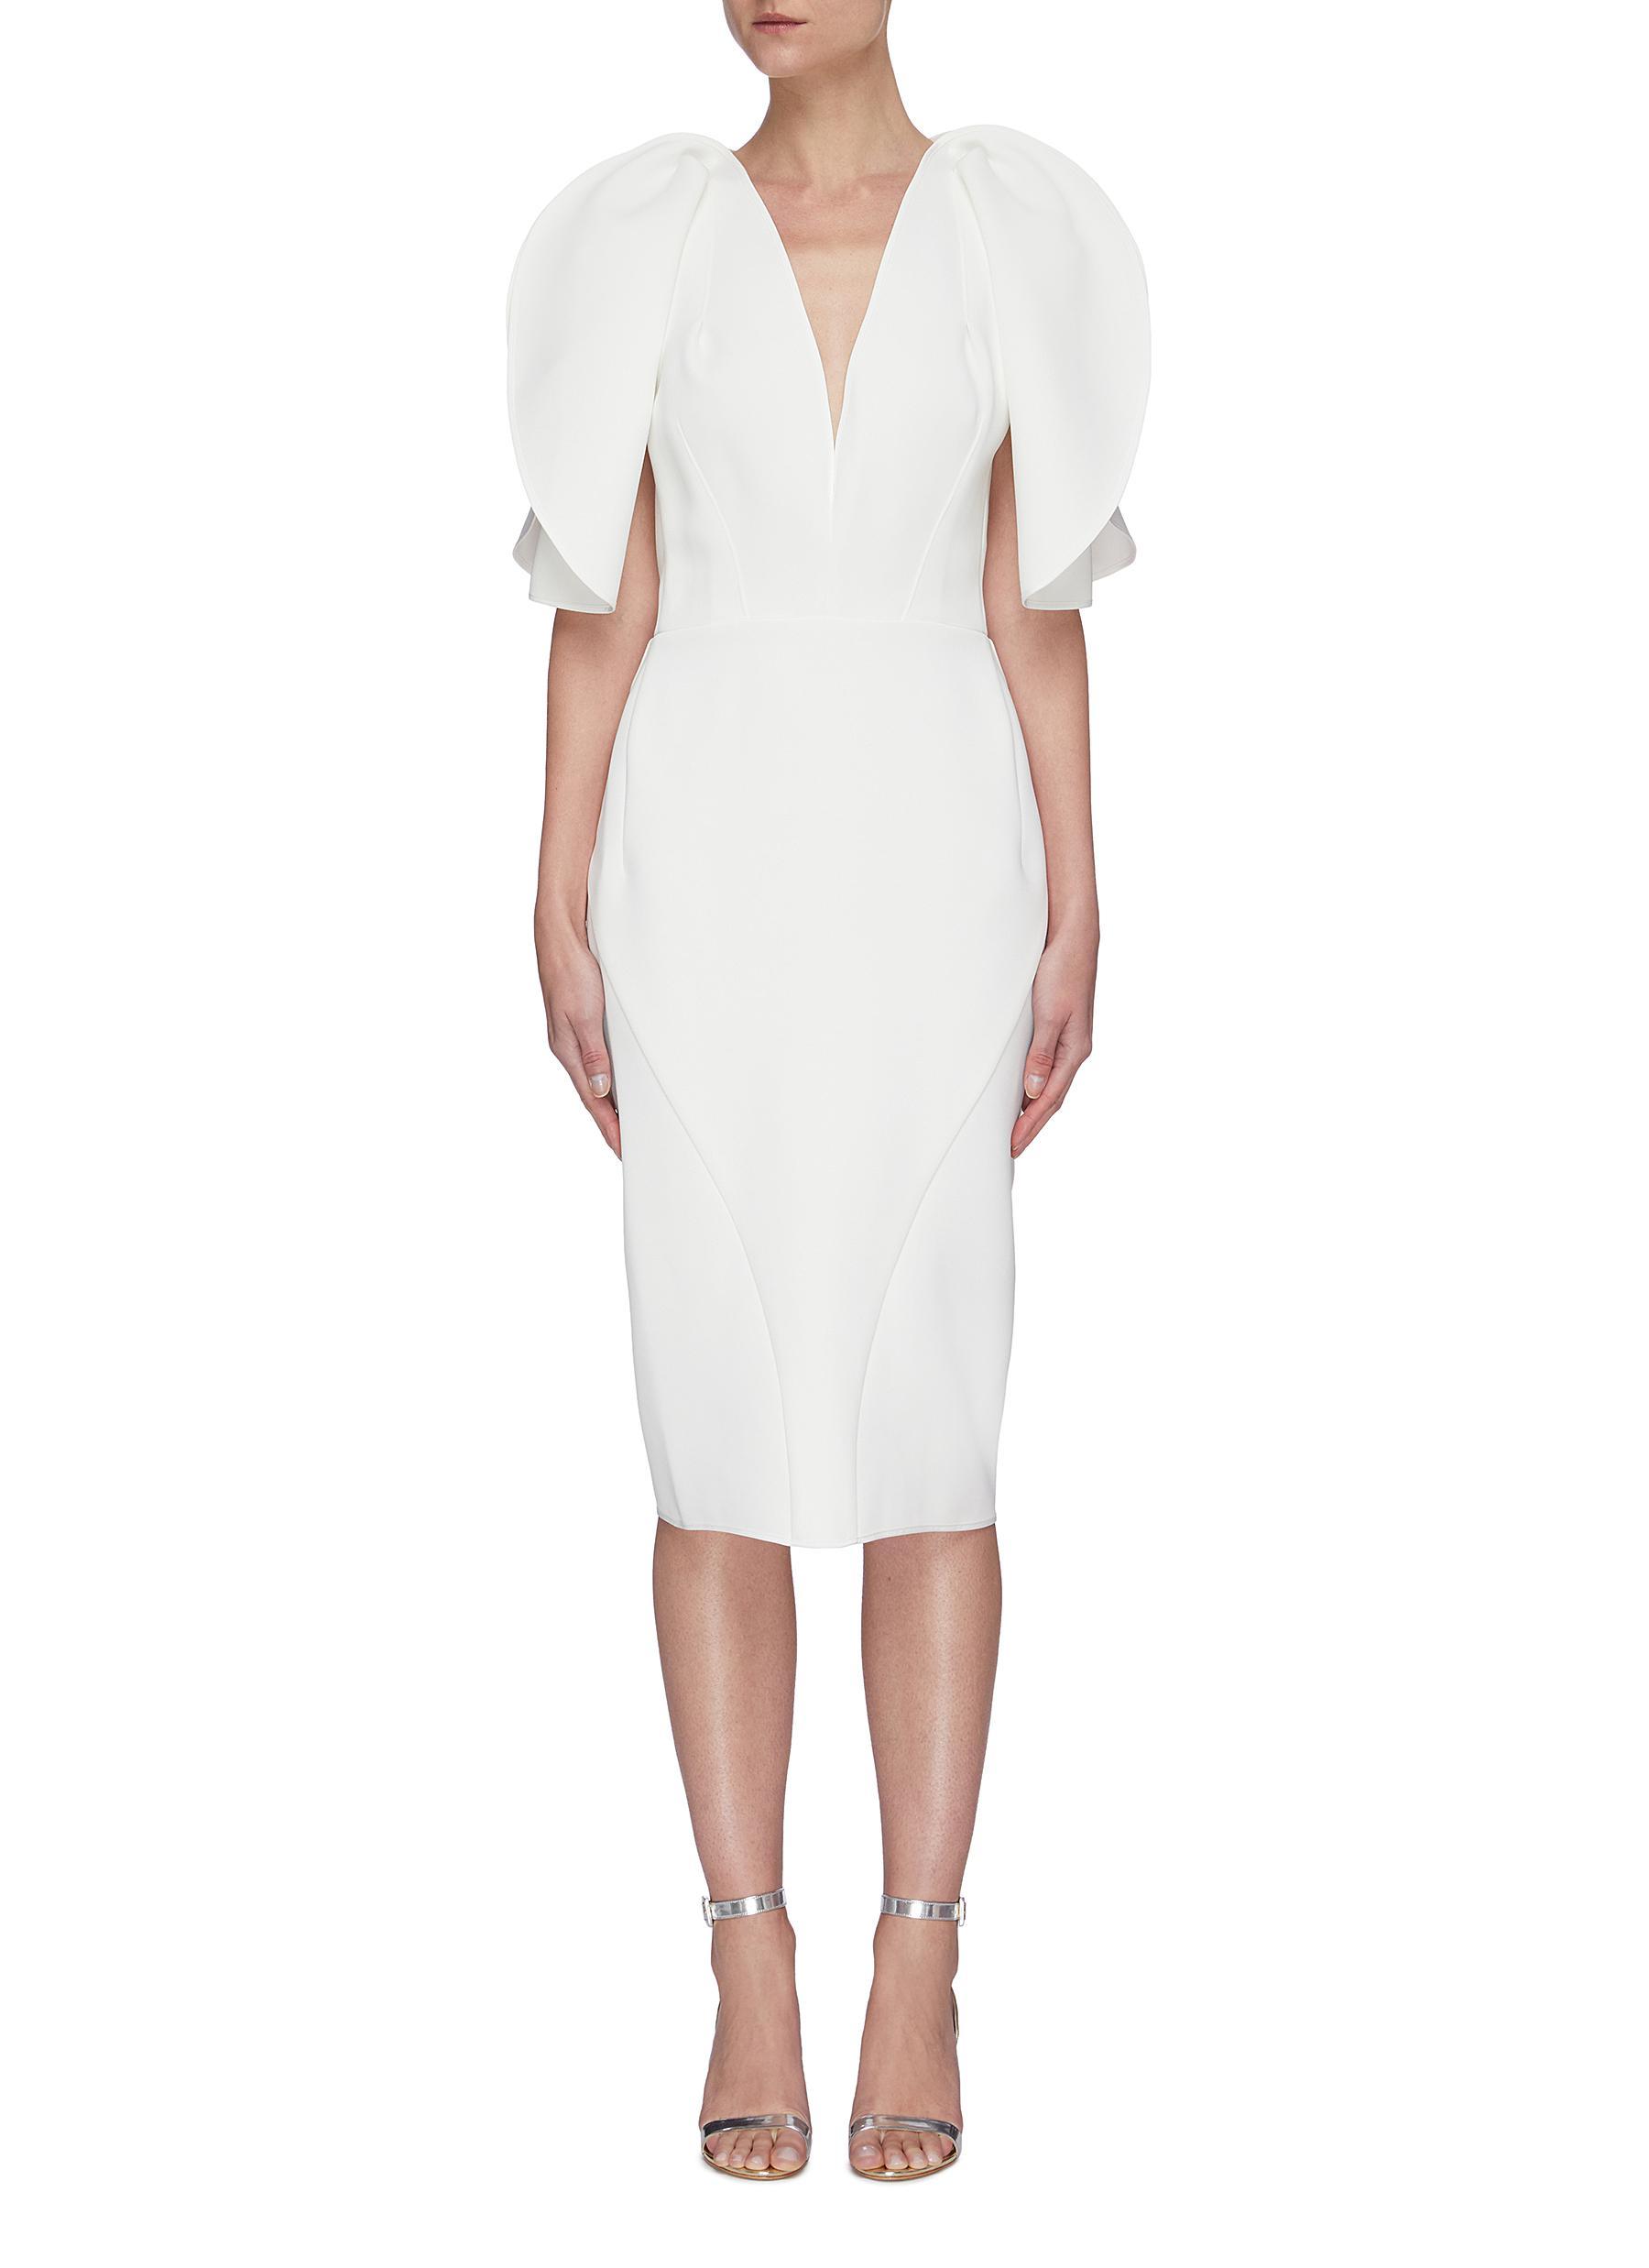 Buy Maticevski Dresses Vowed' plunge neckline dress